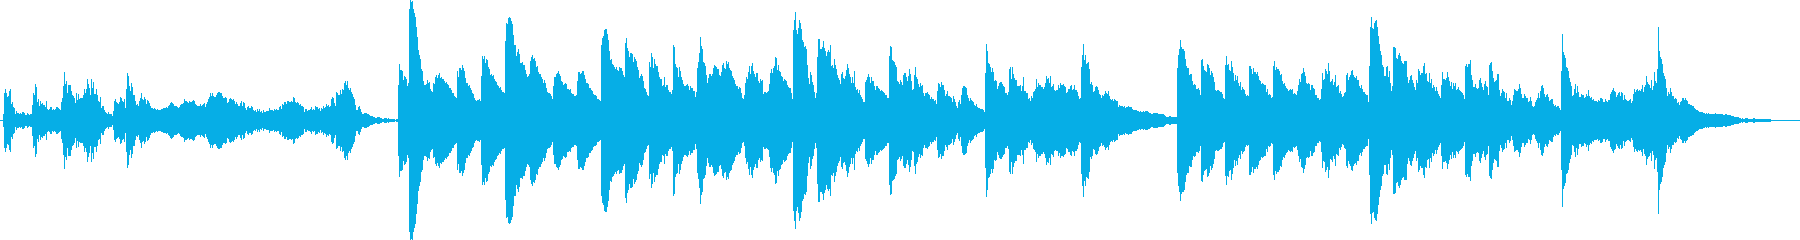 動画 センチメンタル 説明的 やる...の再生済みの波形